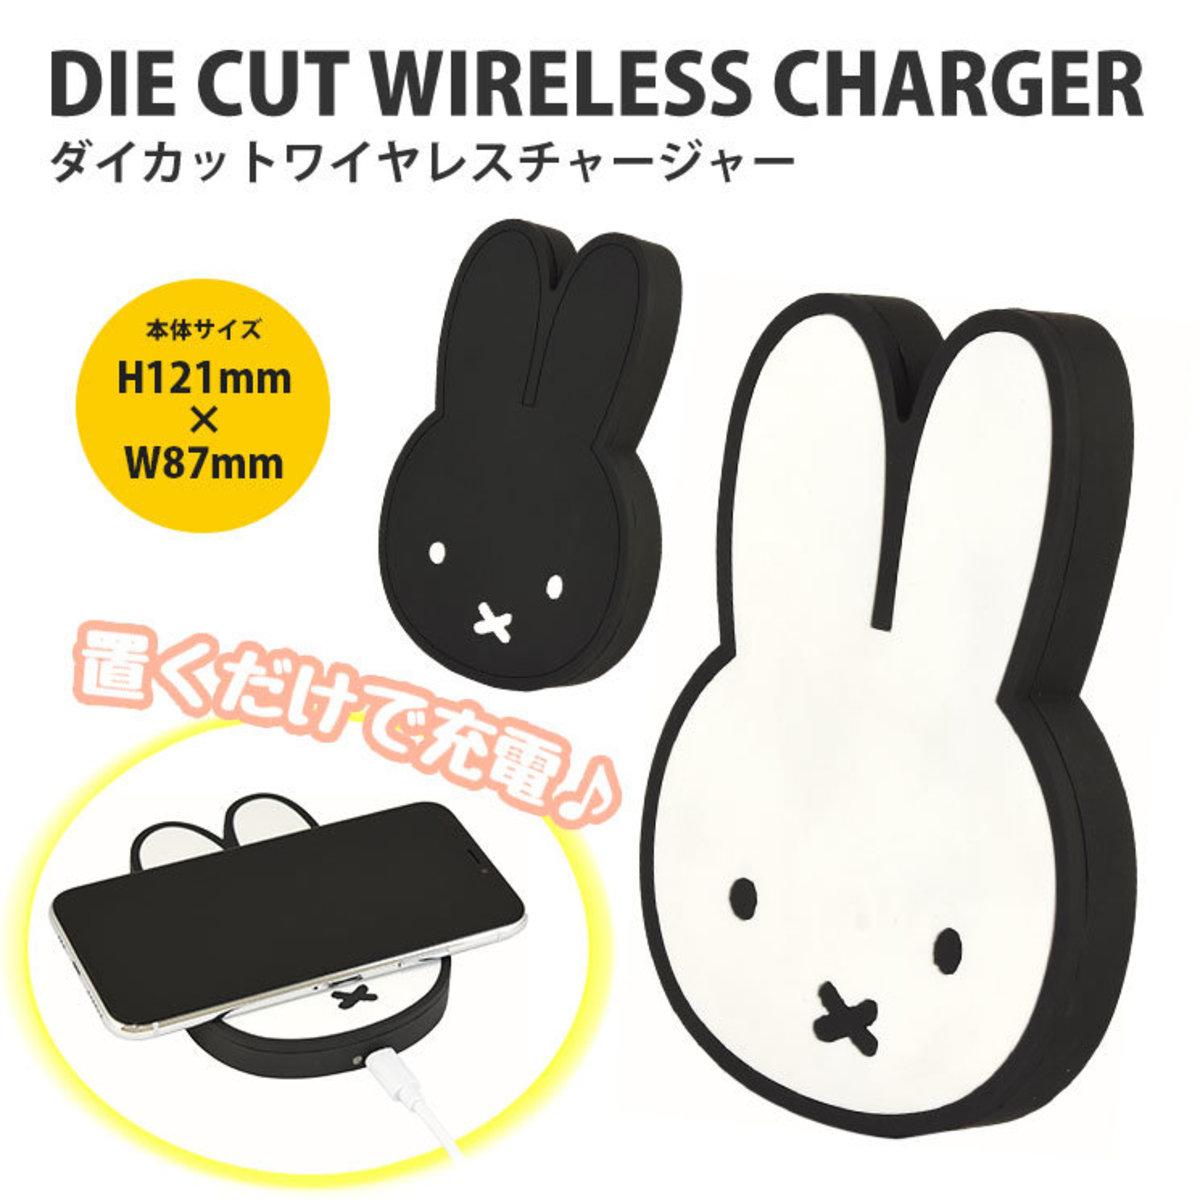 (白色Miffy) 日本Miffy可愛實用Die-Cut無線充電器